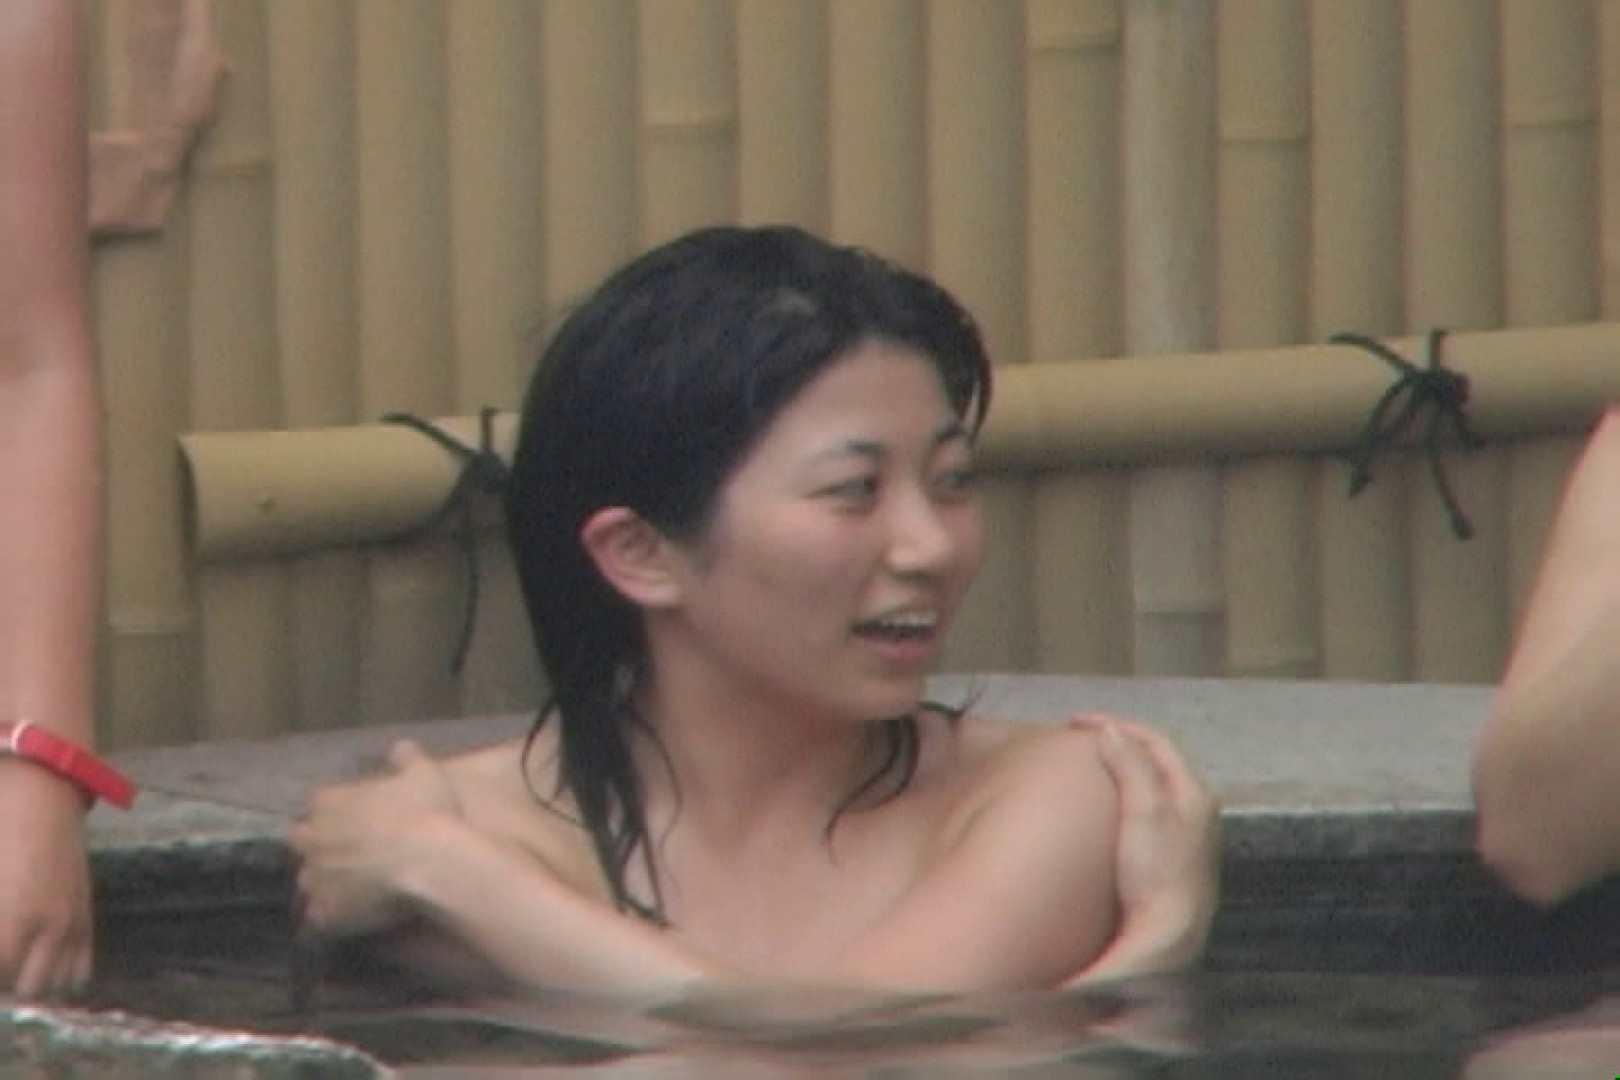 Aquaな露天風呂Vol.43【VIP限定】 露天風呂突入 覗きおまんこ画像 74pic 56